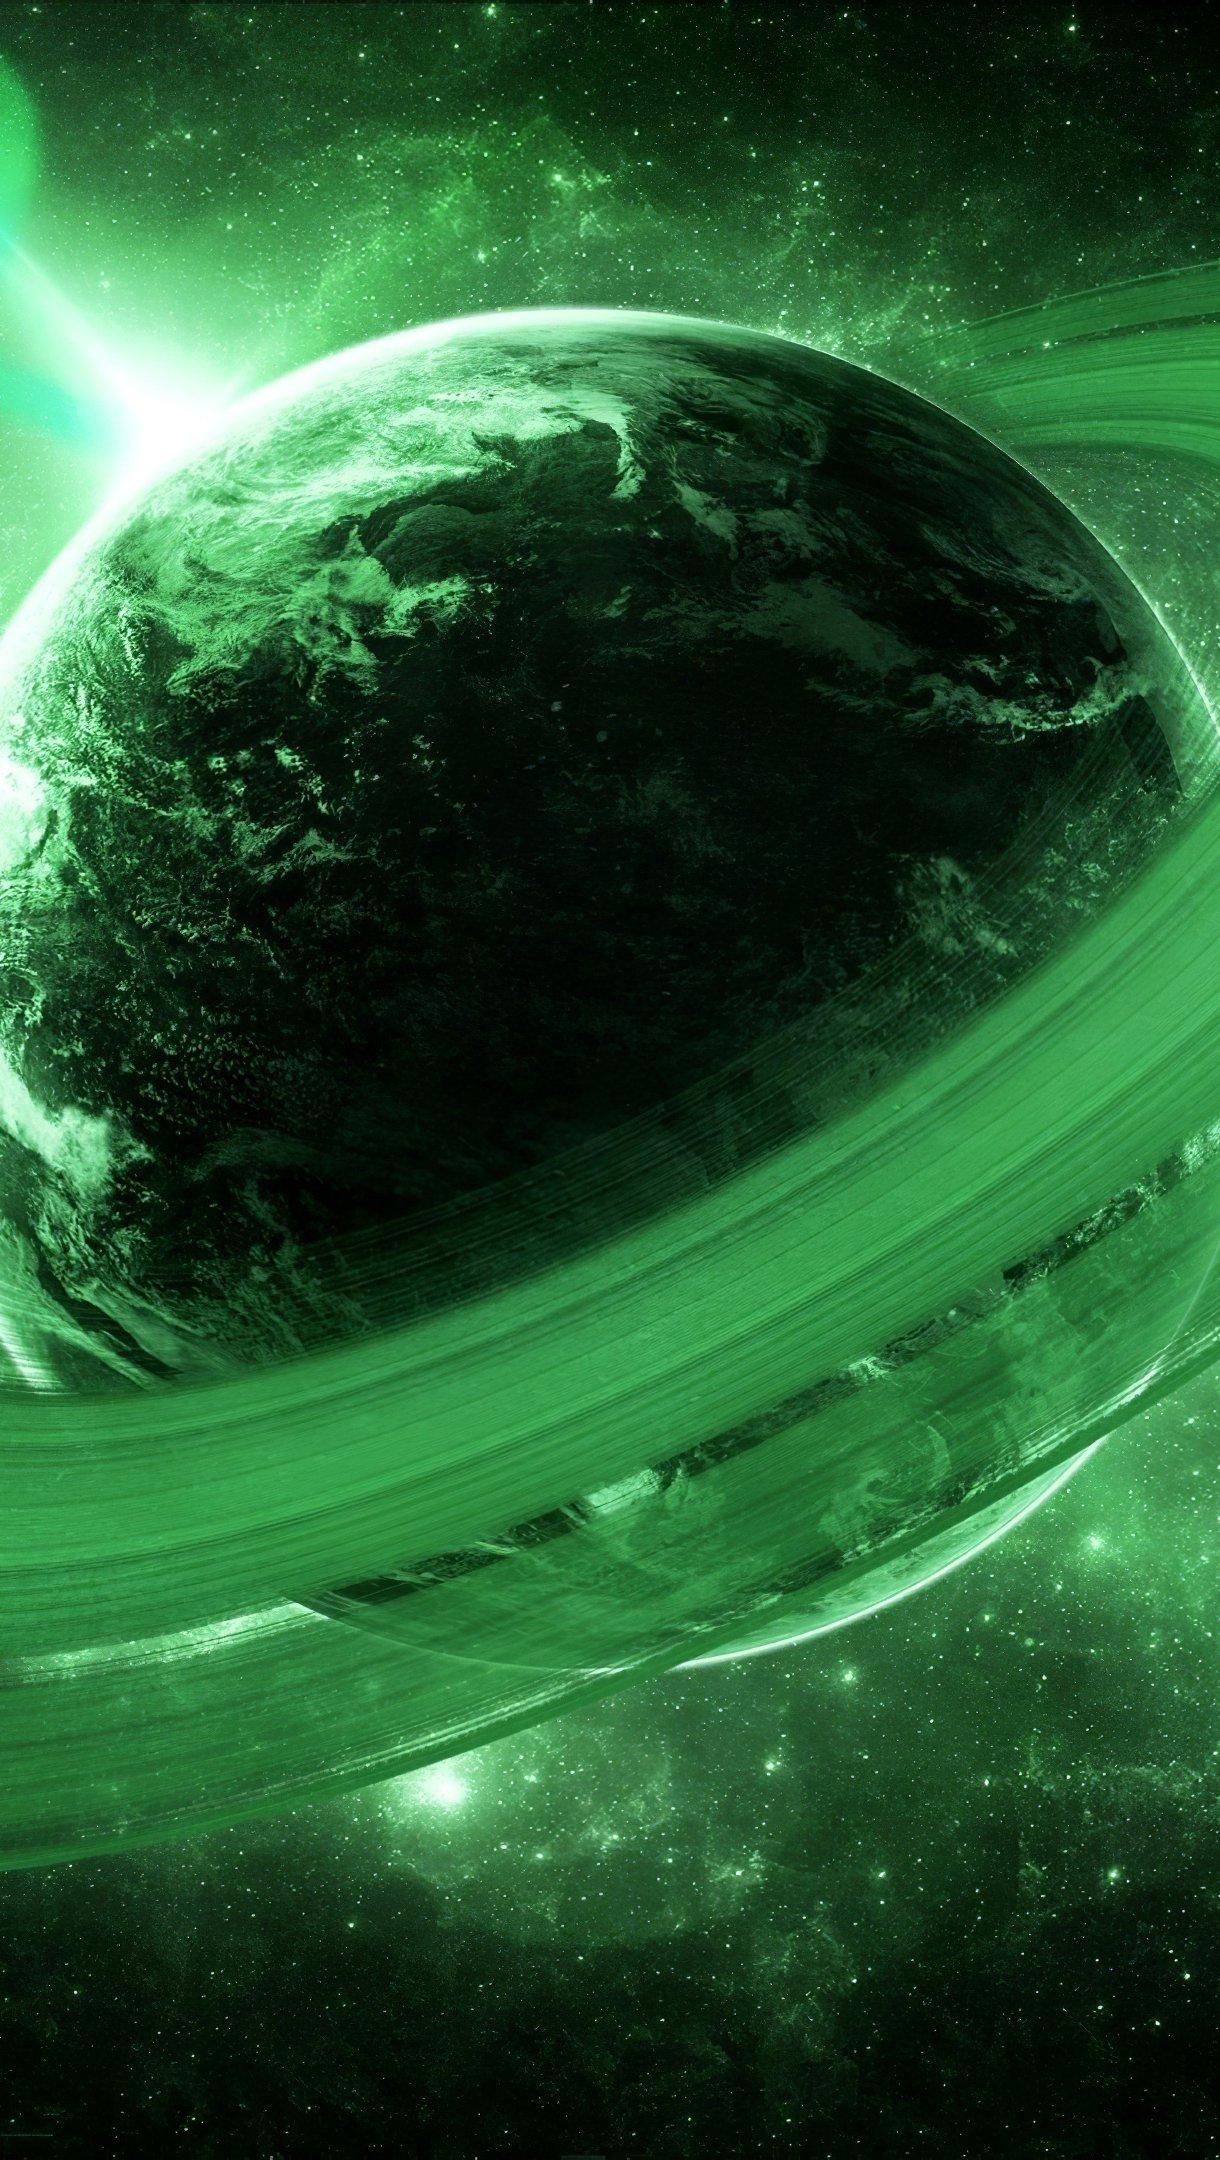 Fondos de pantalla Planeta Verde Vertical